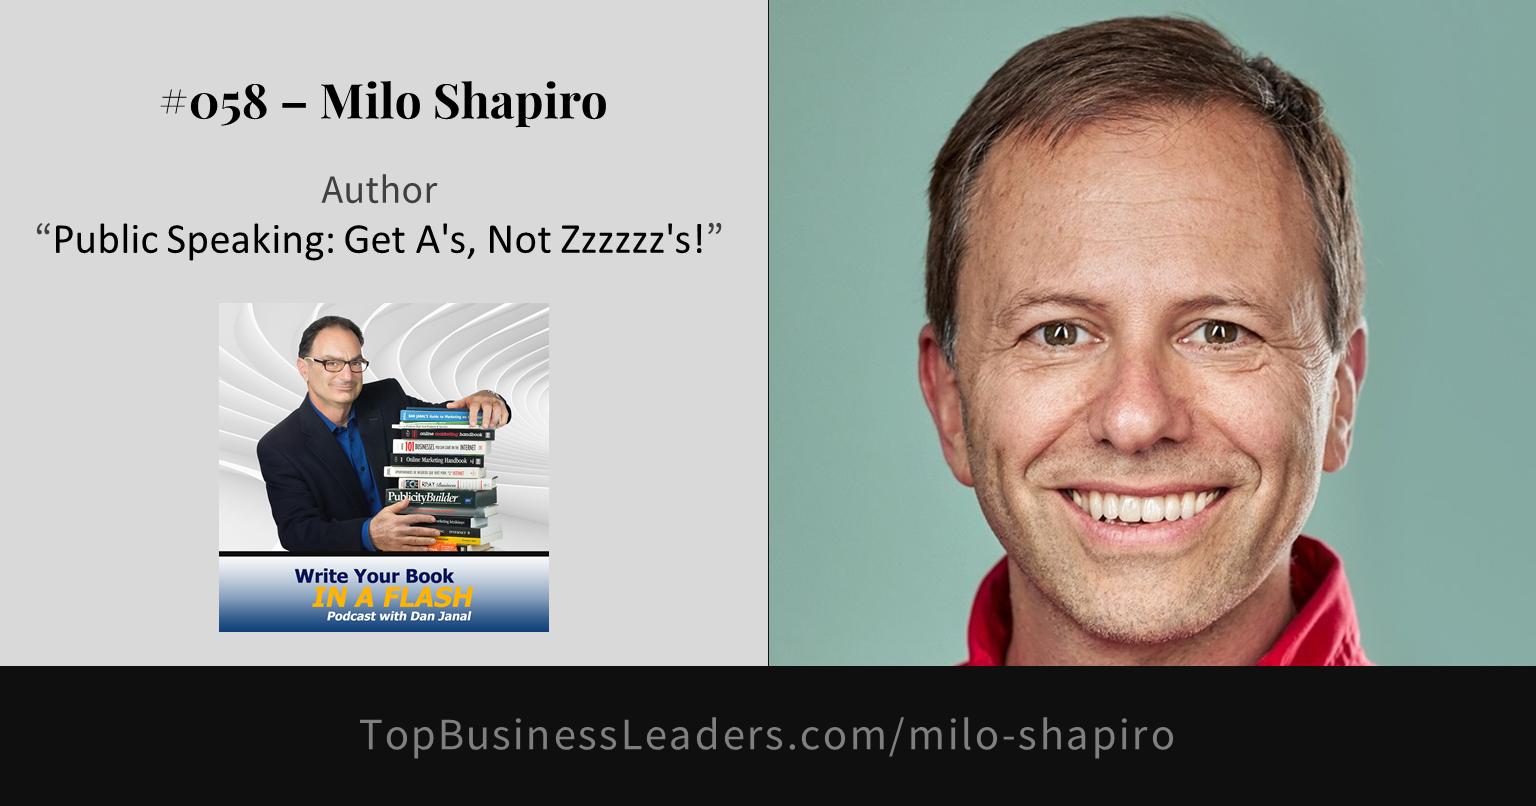 milo-shapiro-author-public-speaking-get-as-not-zzzzzzs